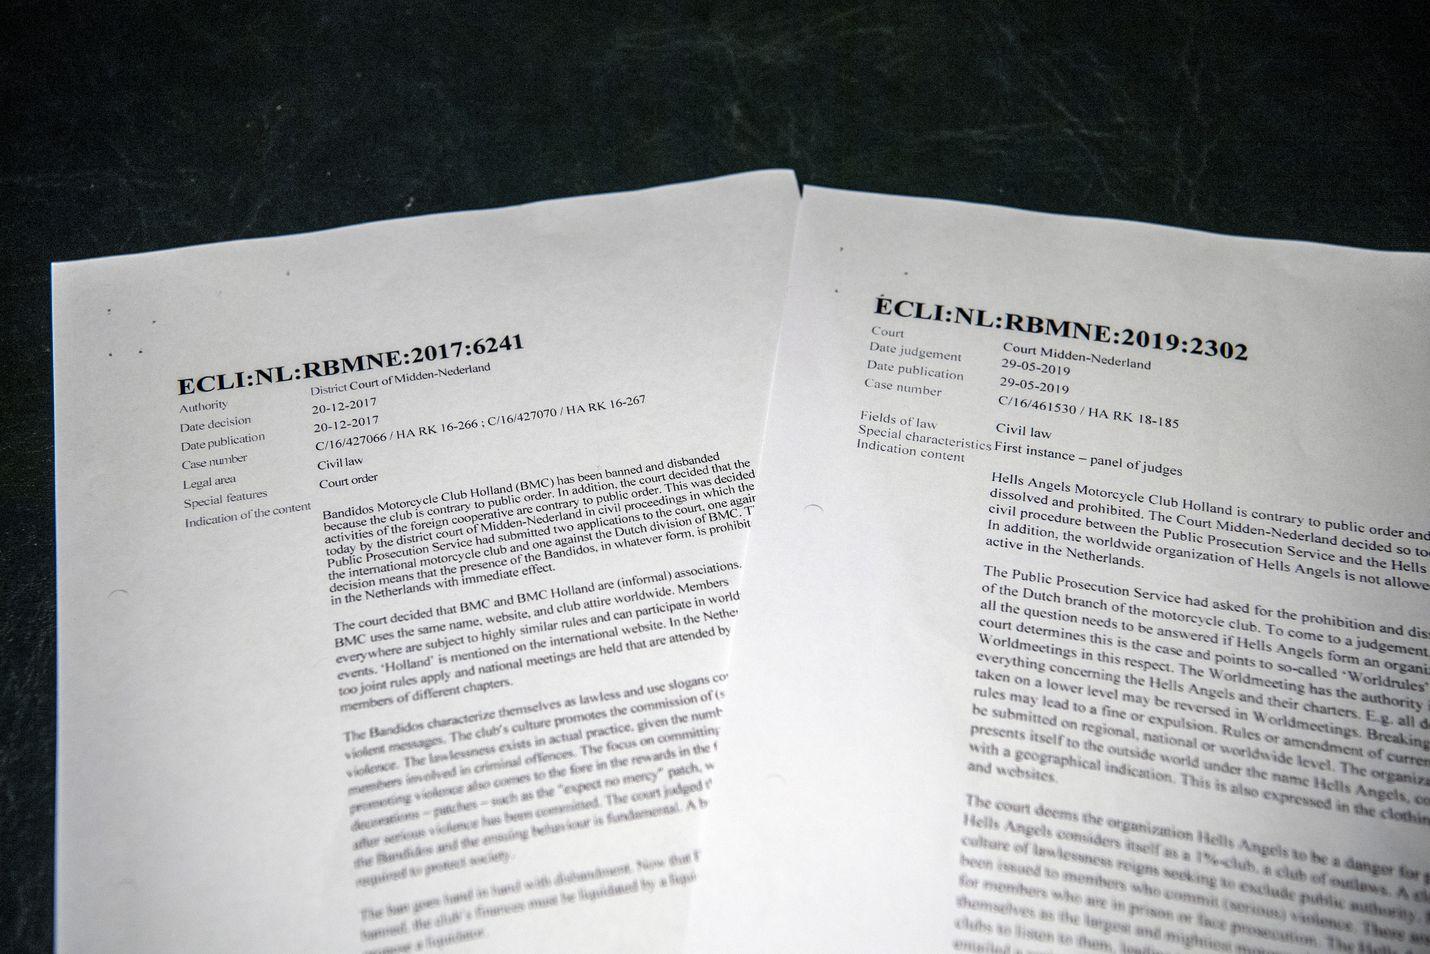 Viranomaiset ovat Alankomaissa vedonneet siihen, että Bandidoksen ja Helvetin Enkelien kaltaisissa jengeissä väkivalta on rakenteellista. Kuvassa sikäläistä oikeudenkäyntimateriaalia jengikieltojen oikeuskäsittelystä.